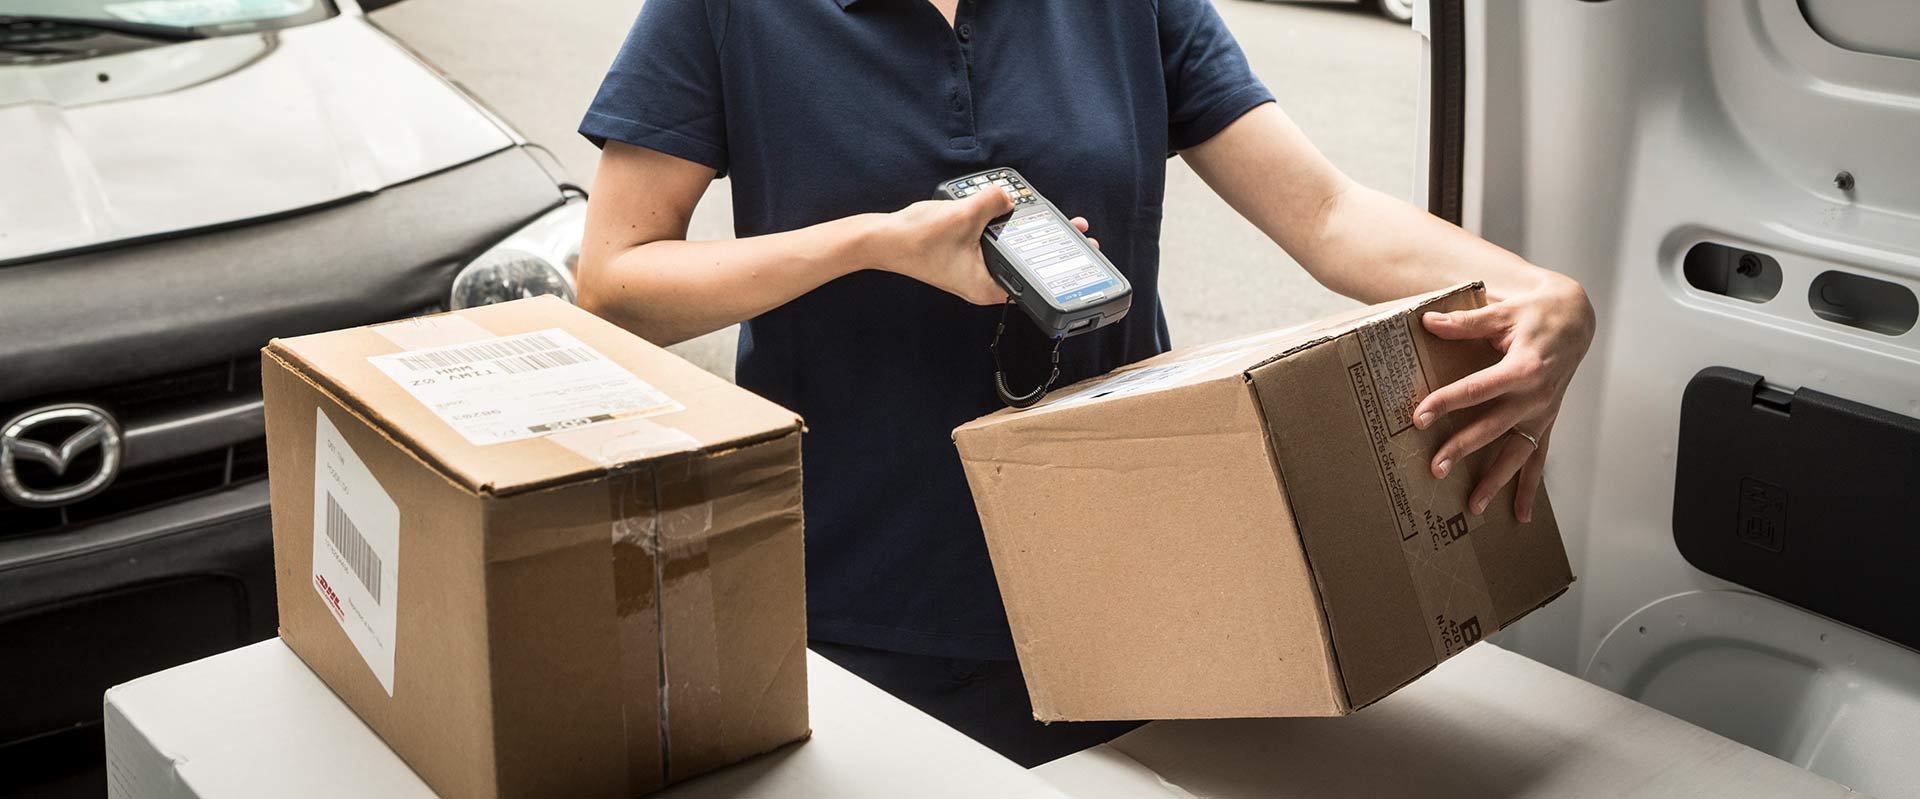 Speditionen / Paket Dienste Software